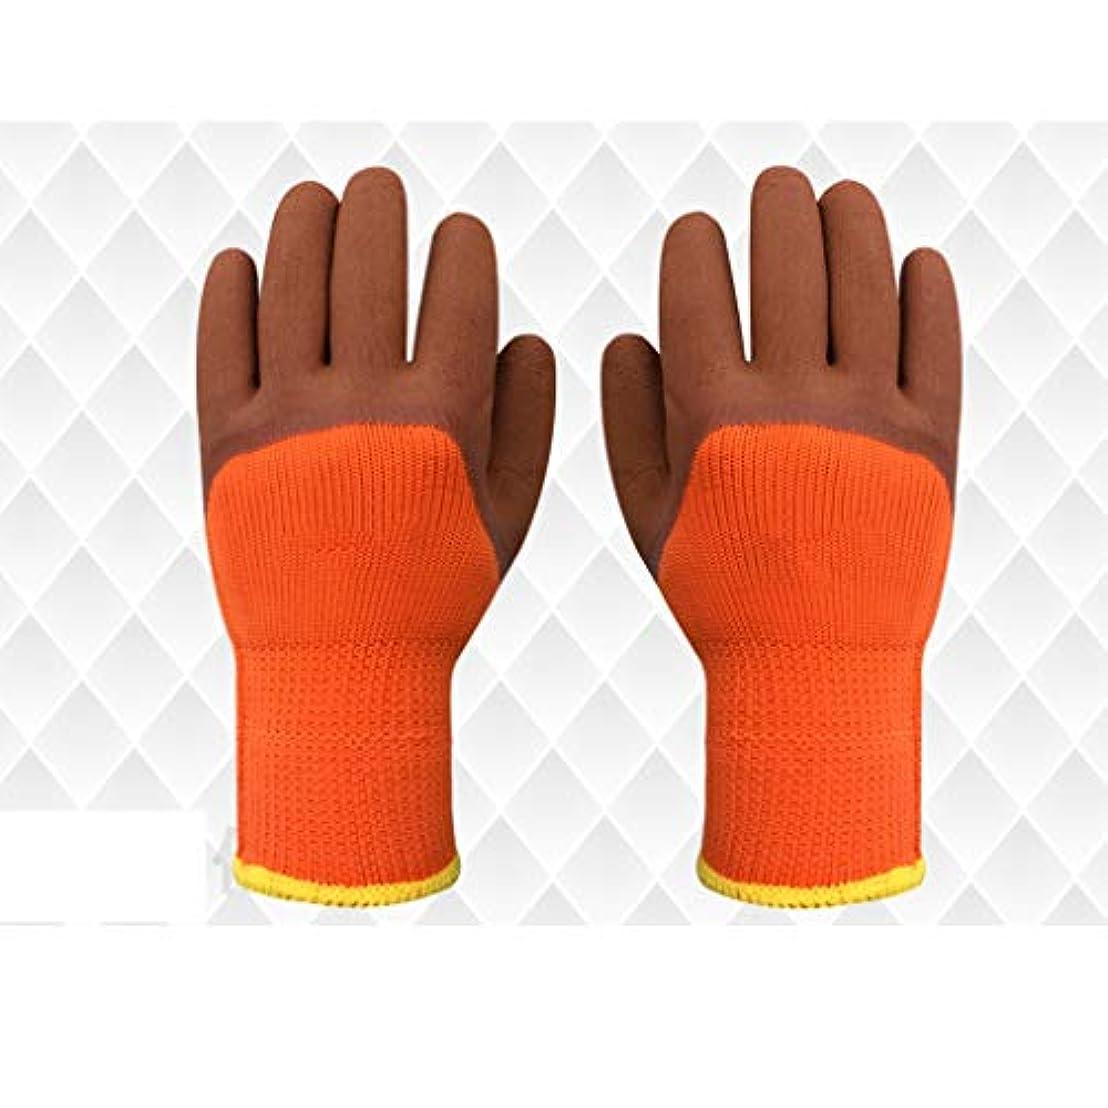 髄ハイキングに行く愛情深いLIUXIN 厚手の耐摩耗性保護手袋指先肥厚セミトレイルディッピング工業用手袋マルチスタイルオプション22.5 x 10 CM ゴム手袋 (Color : C)